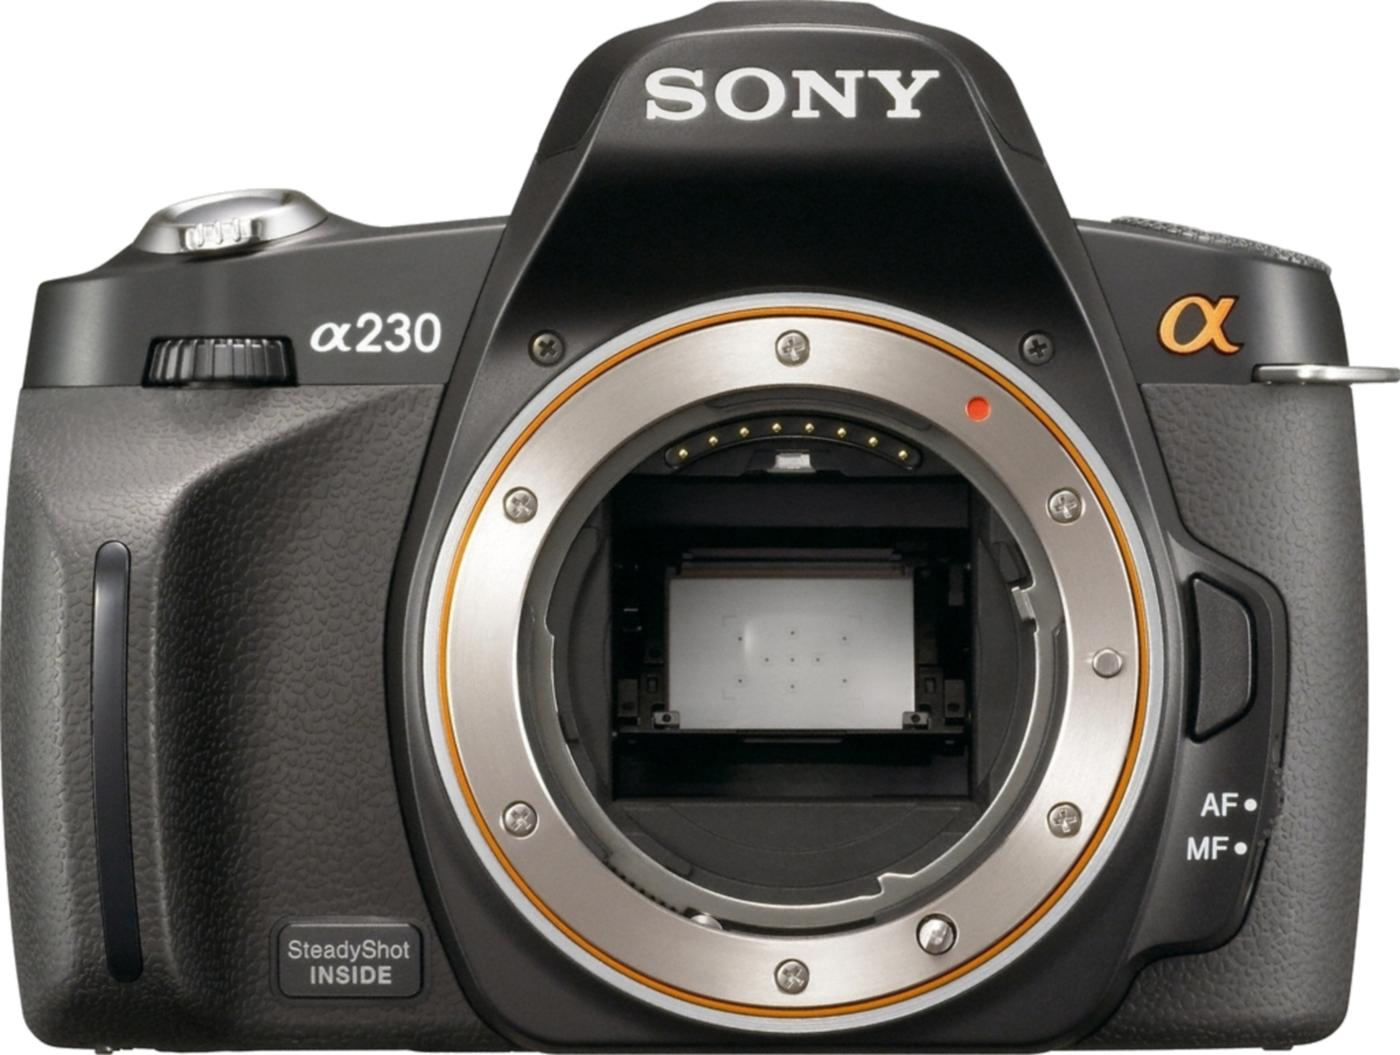 Sony A230 DSLR